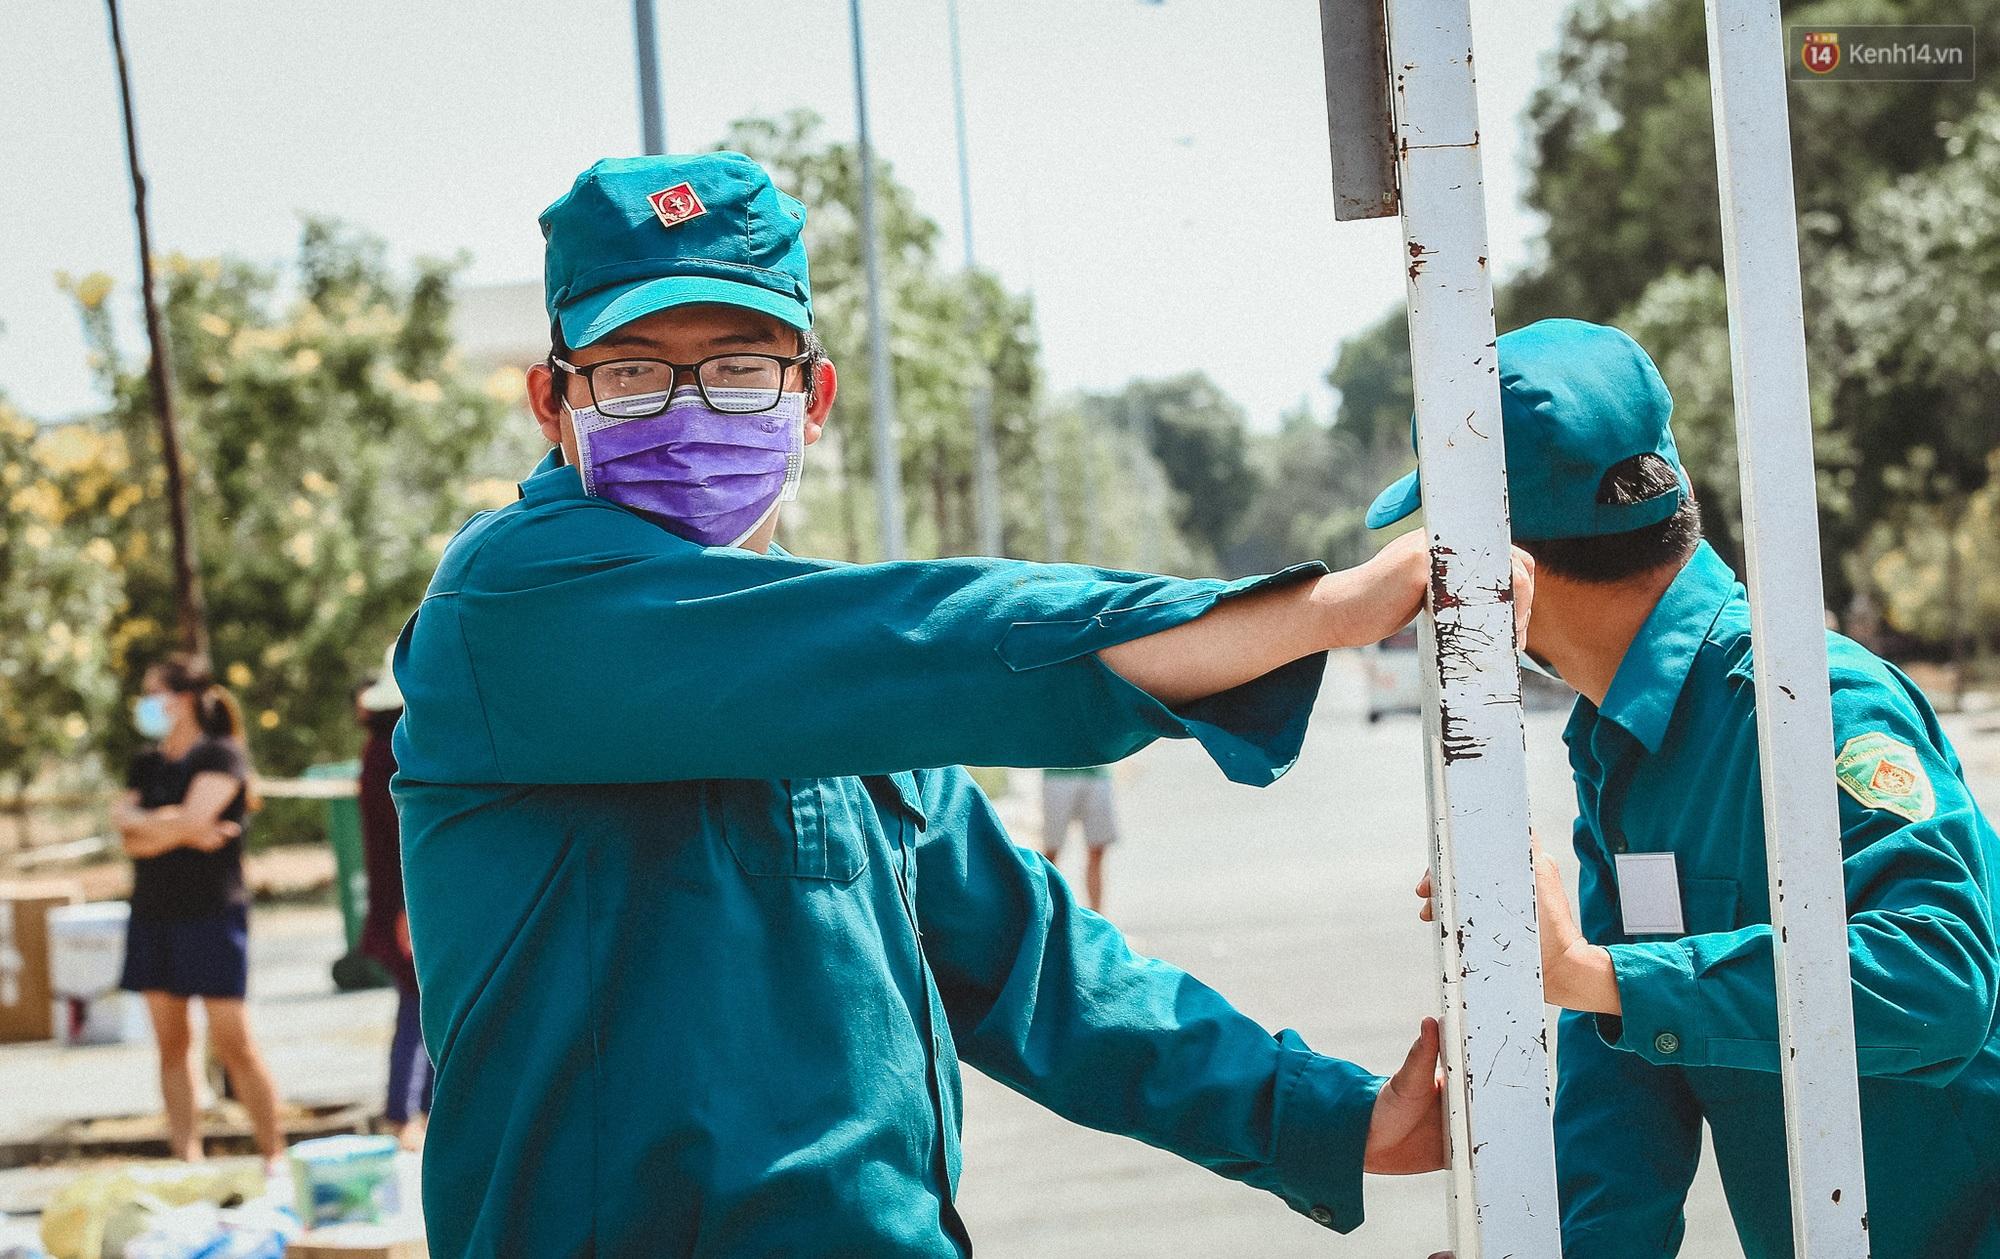 Người cách ly ở KTX âm thầm mua sữa tặng các anh dân quân tự vệ để cảm ơn vì ngày đêm chuyển hàng viện trợ - Ảnh 1